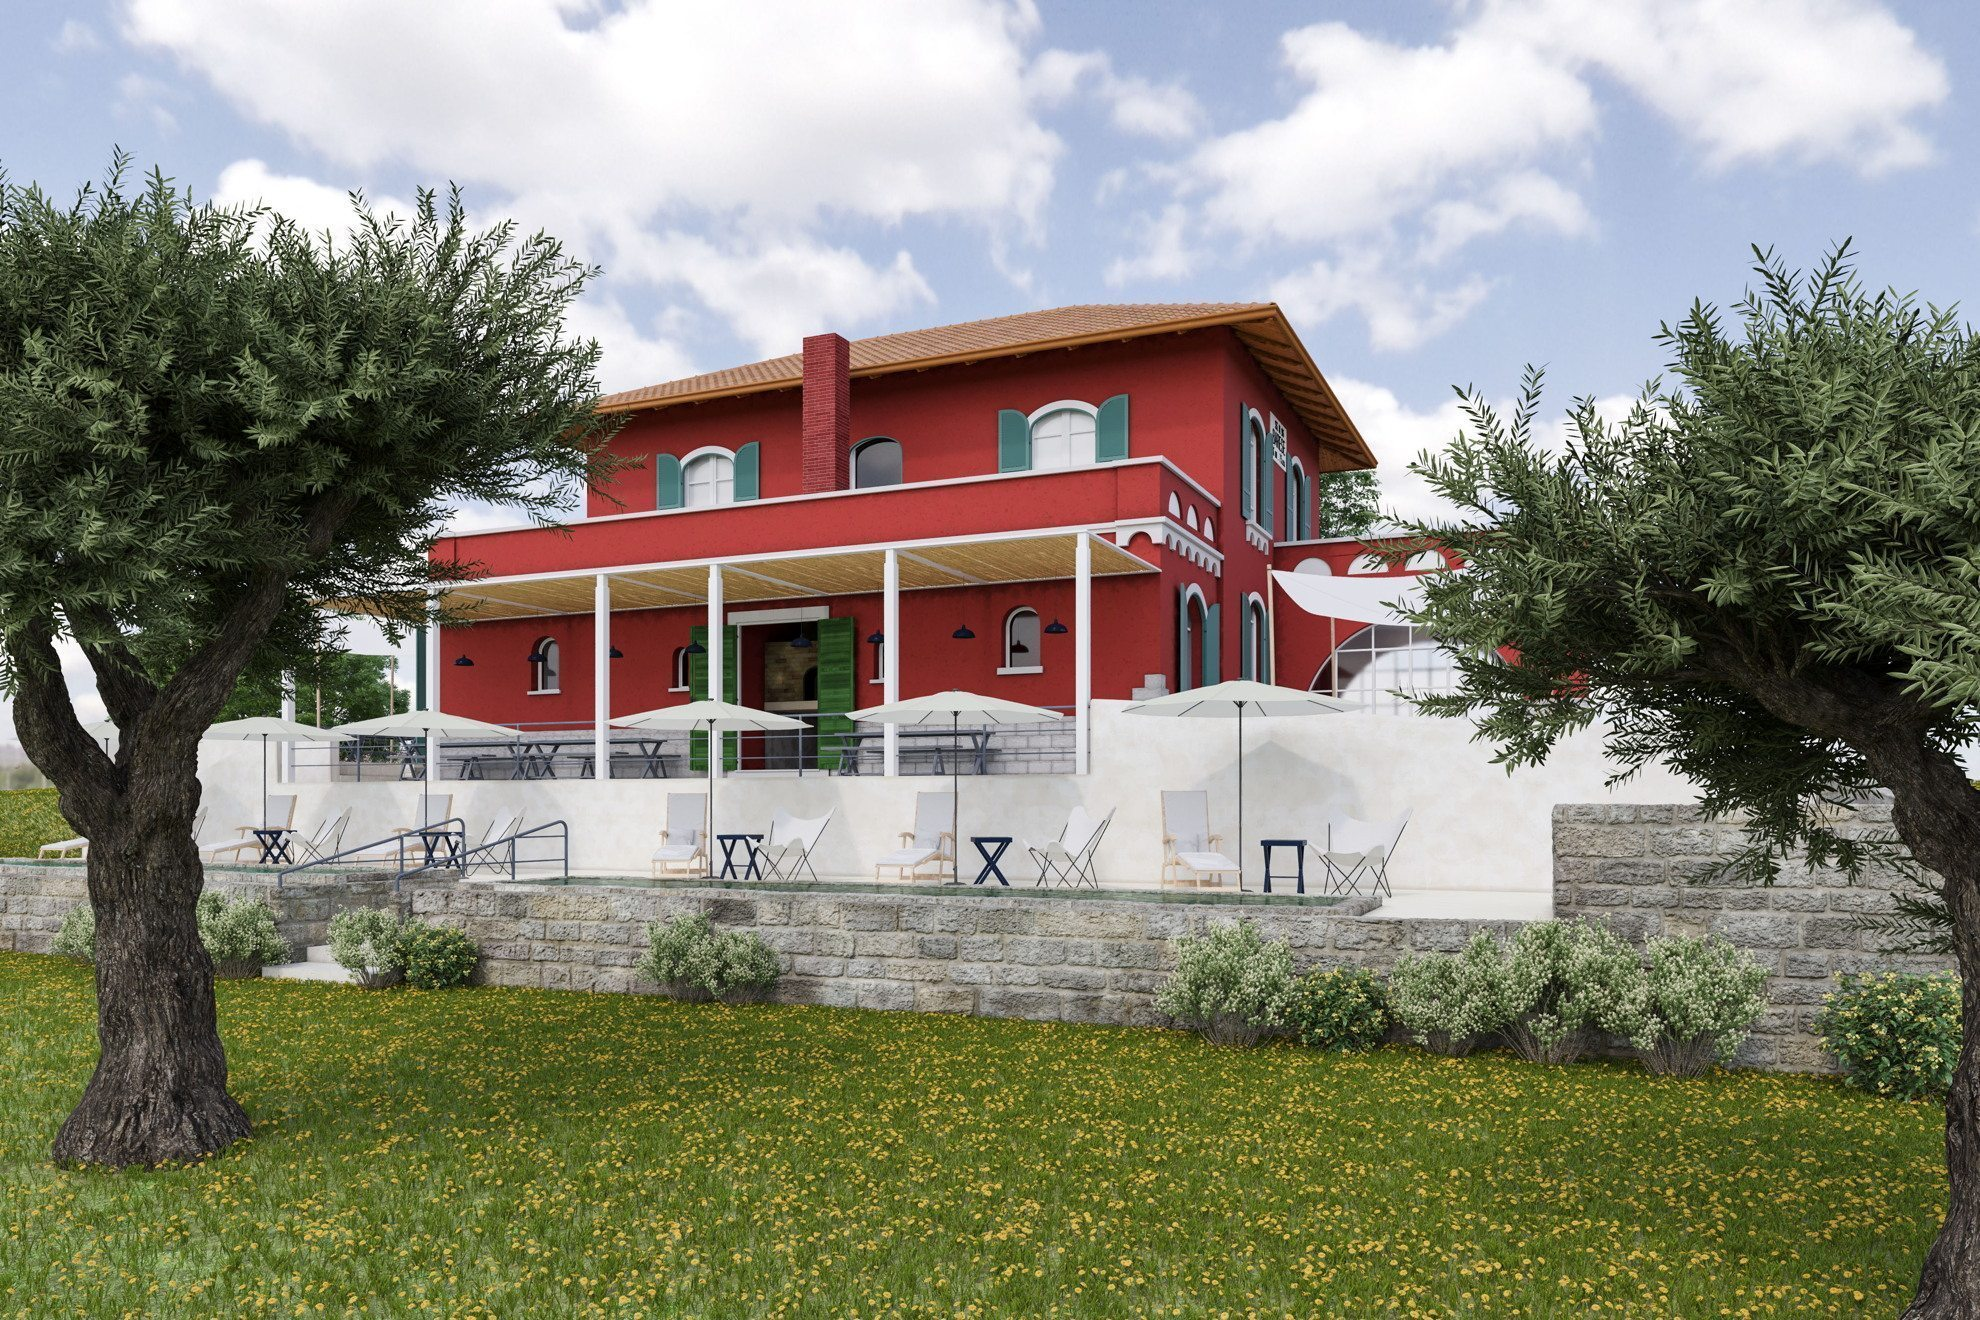 Una casa cantoniera per fare impresa millionaire - Documenti per affittare una casa ...